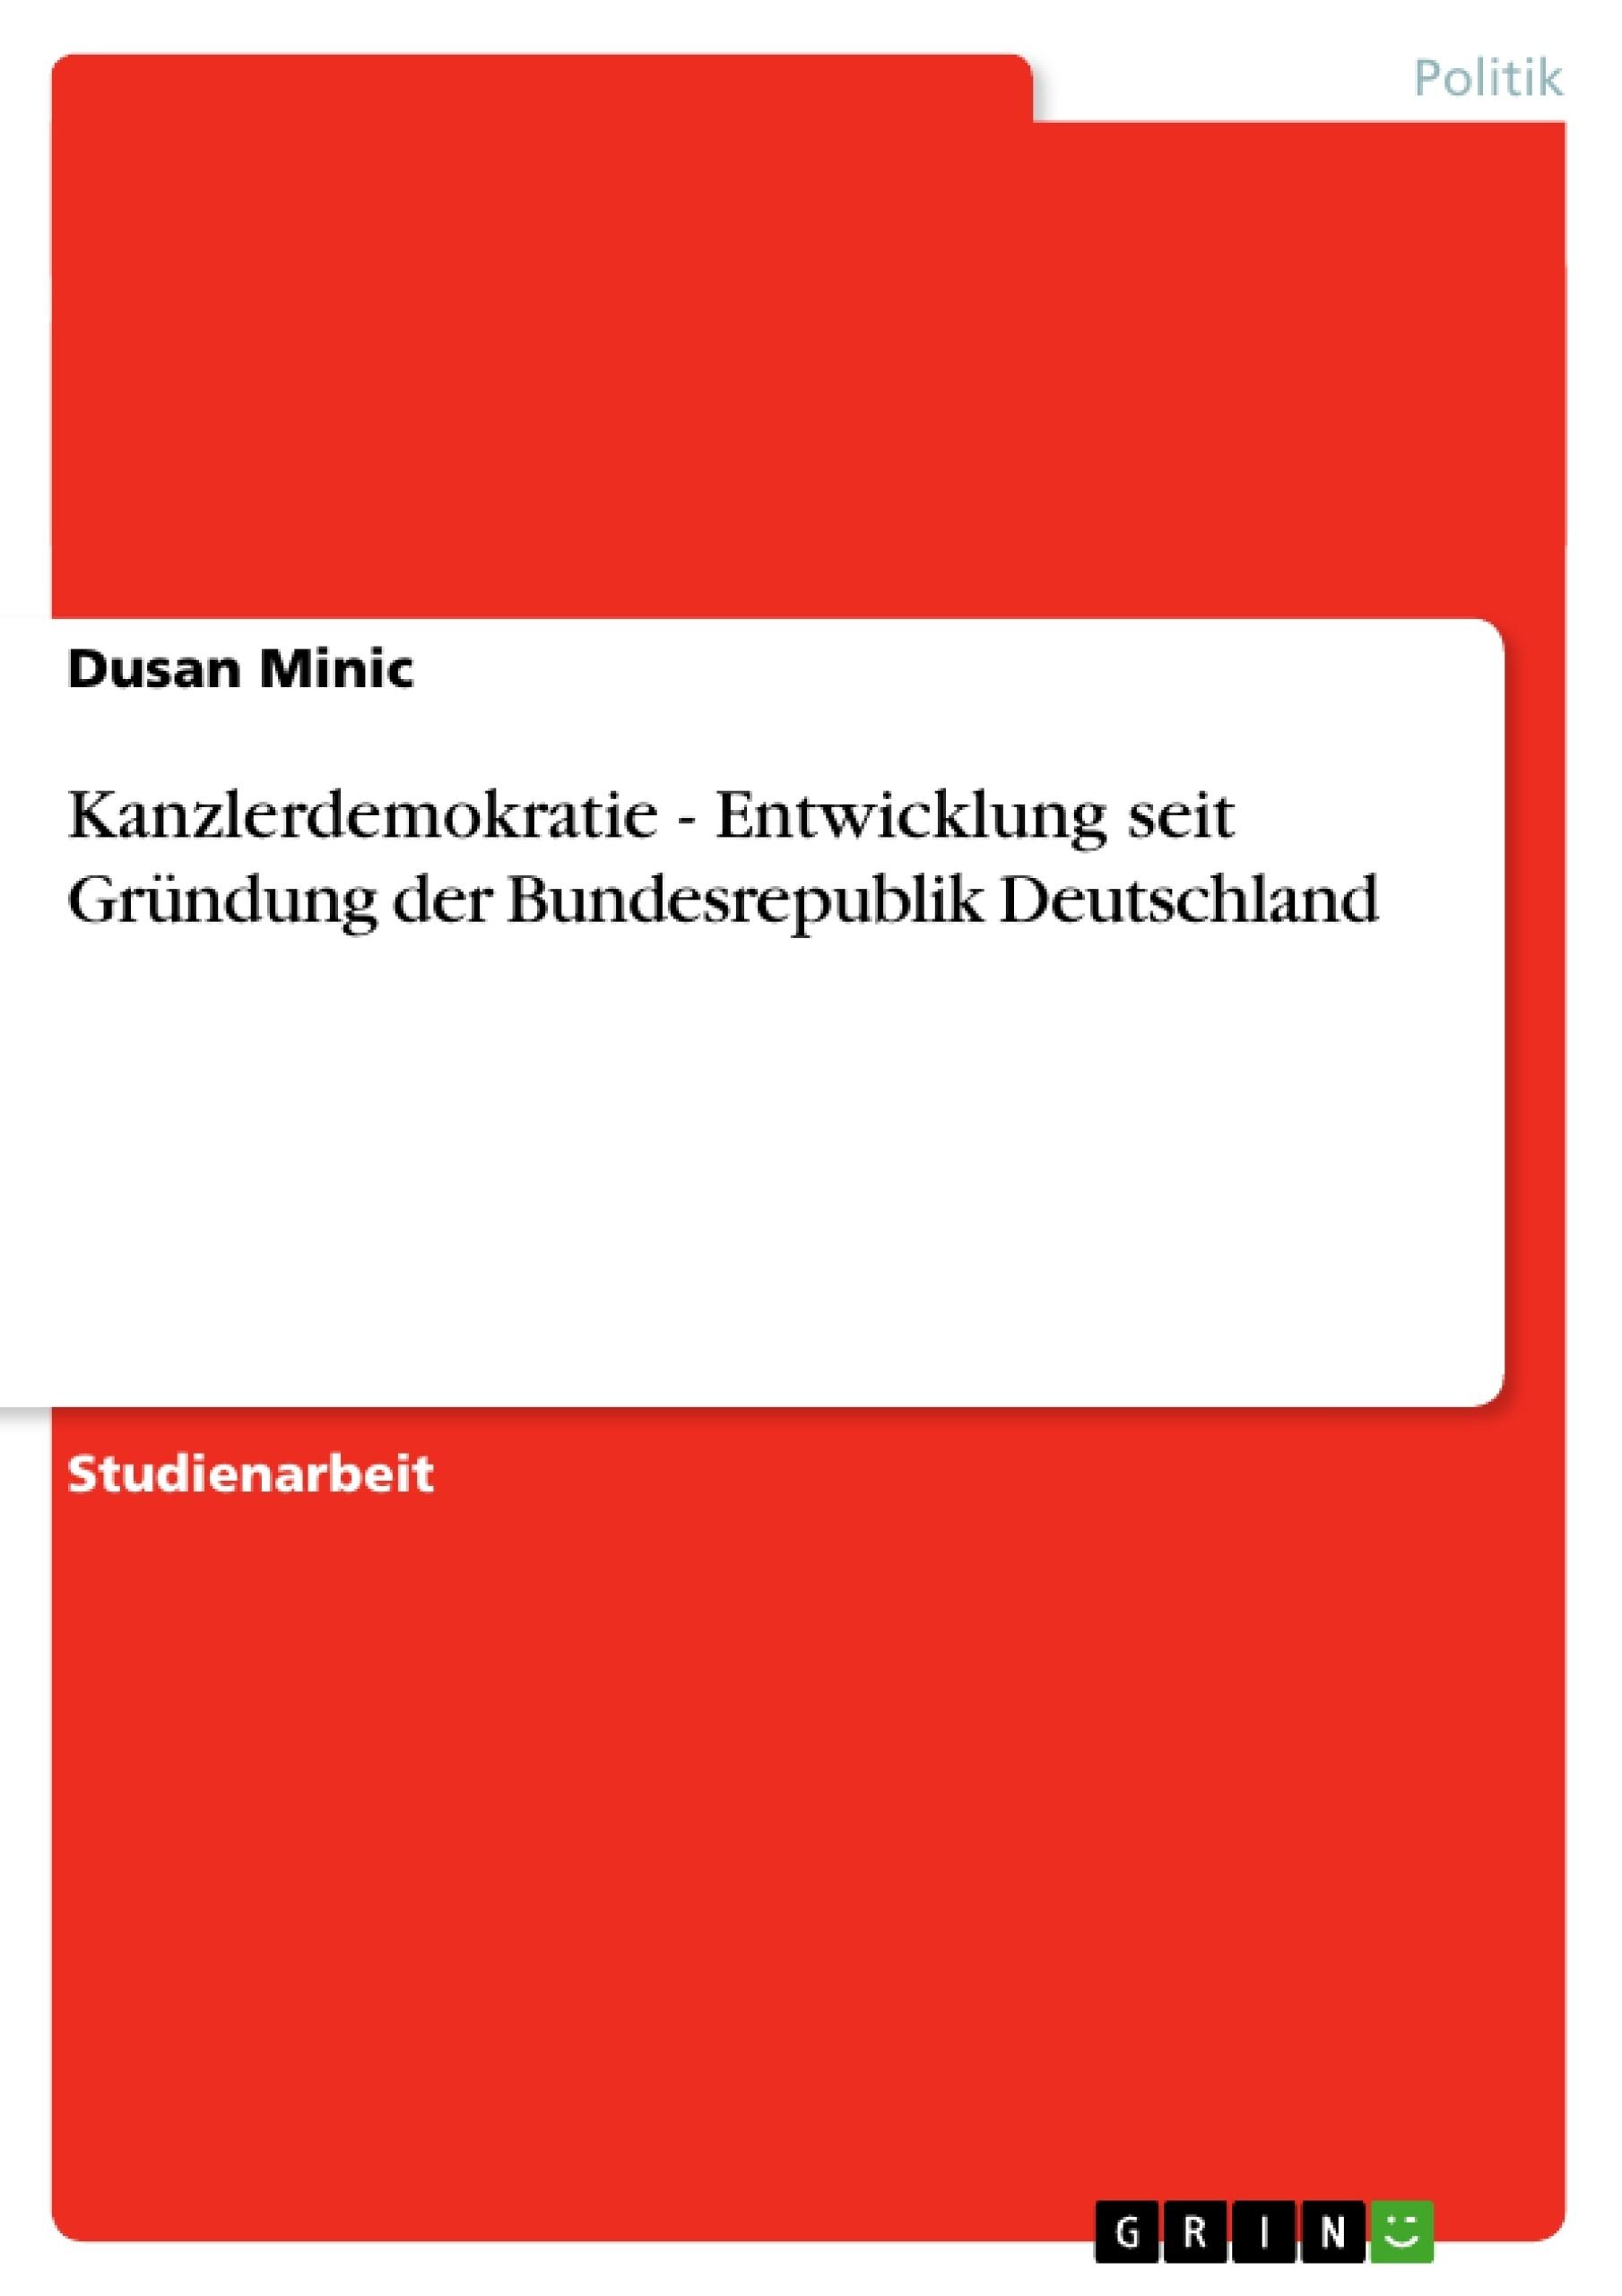 Titel: Kanzlerdemokratie - Entwicklung seit Gründung der Bundesrepublik Deutschland